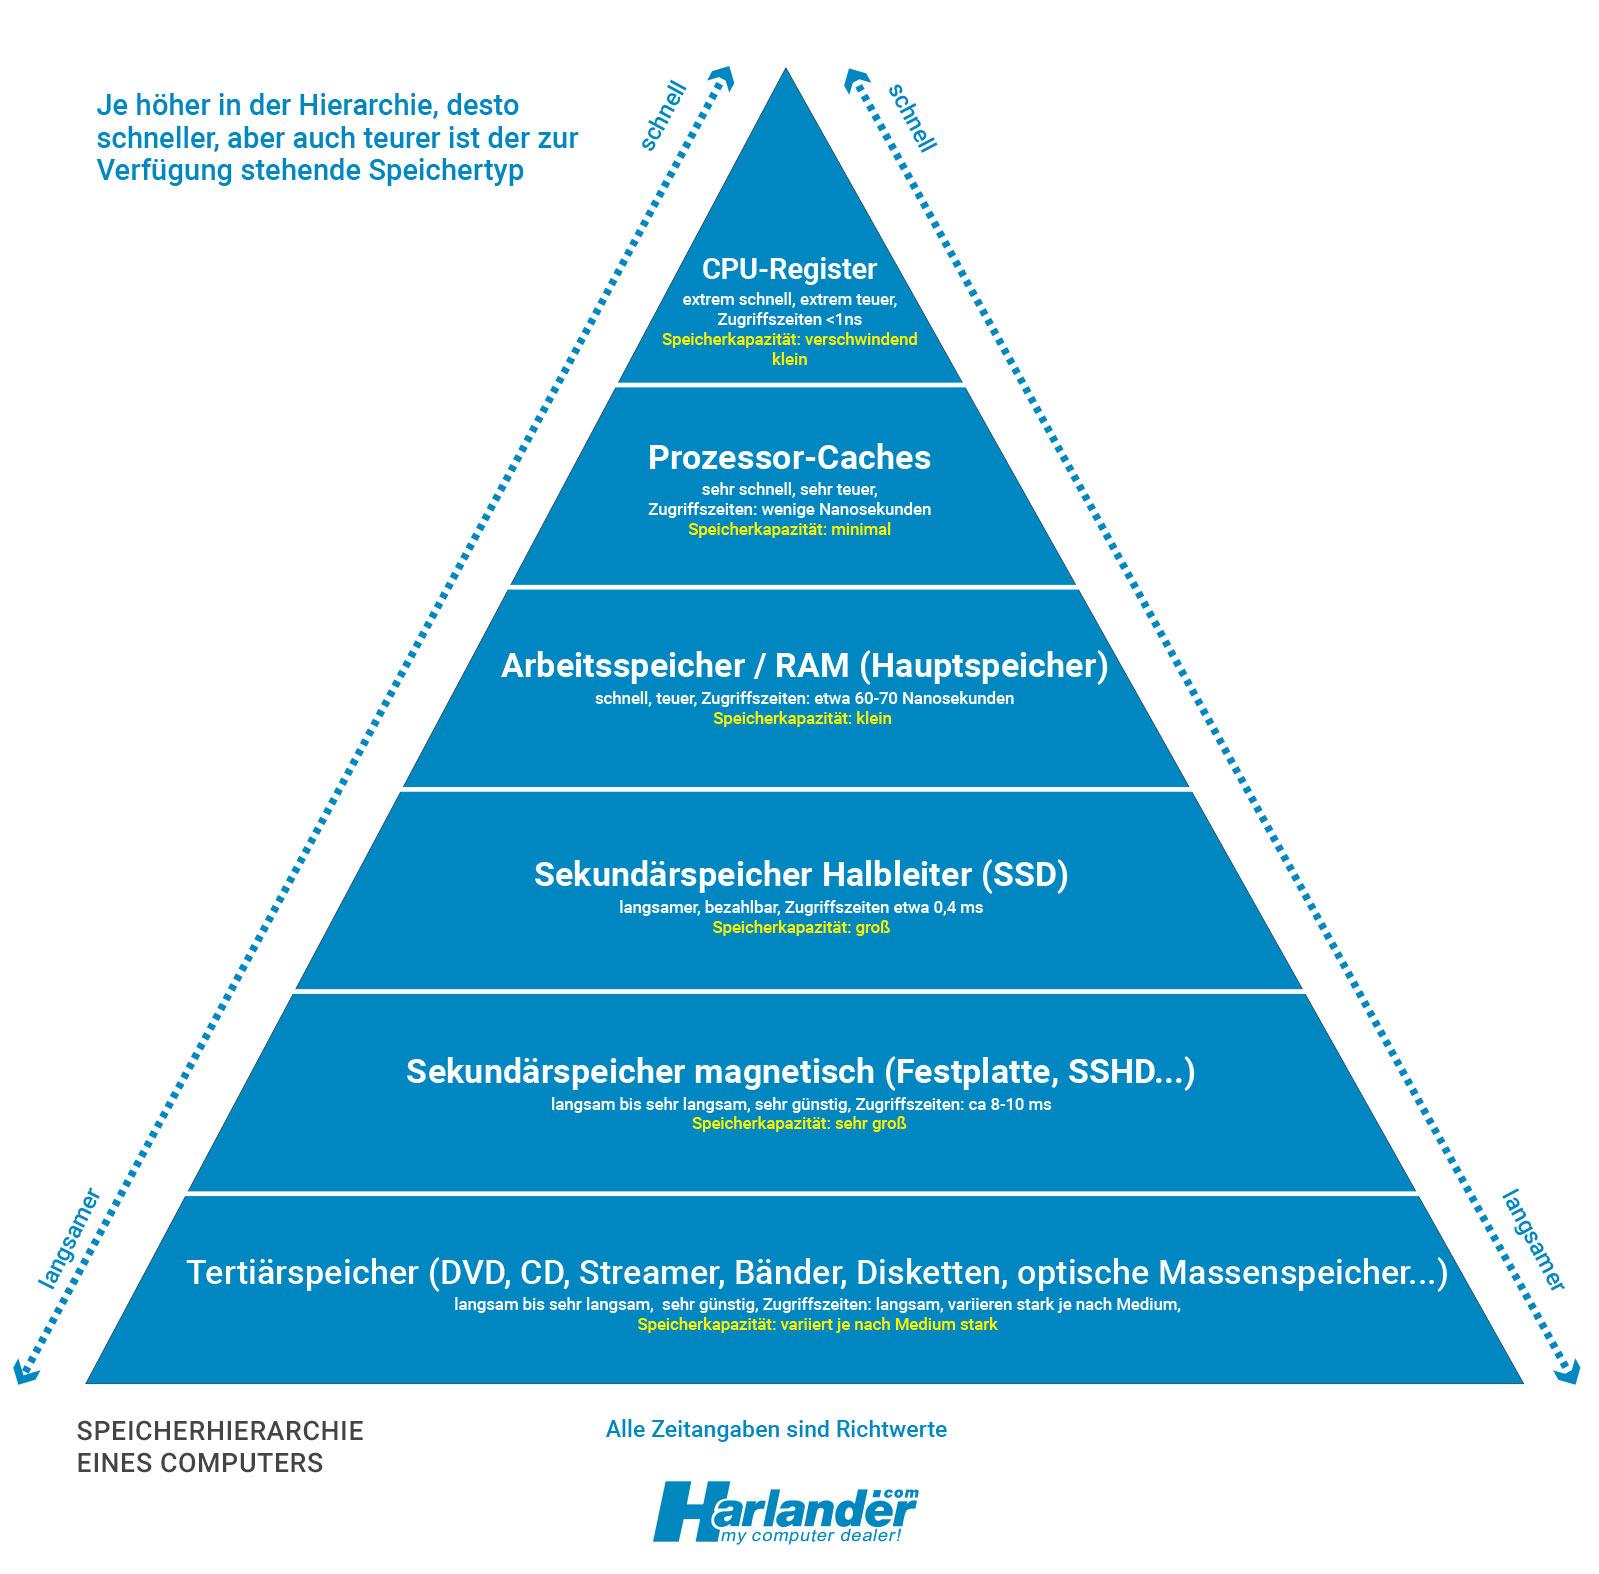 Was die Speicherverwaltung zunächst einmal vorfindet: Die Speicherarten und die Speicherhierarchie eines Computers.